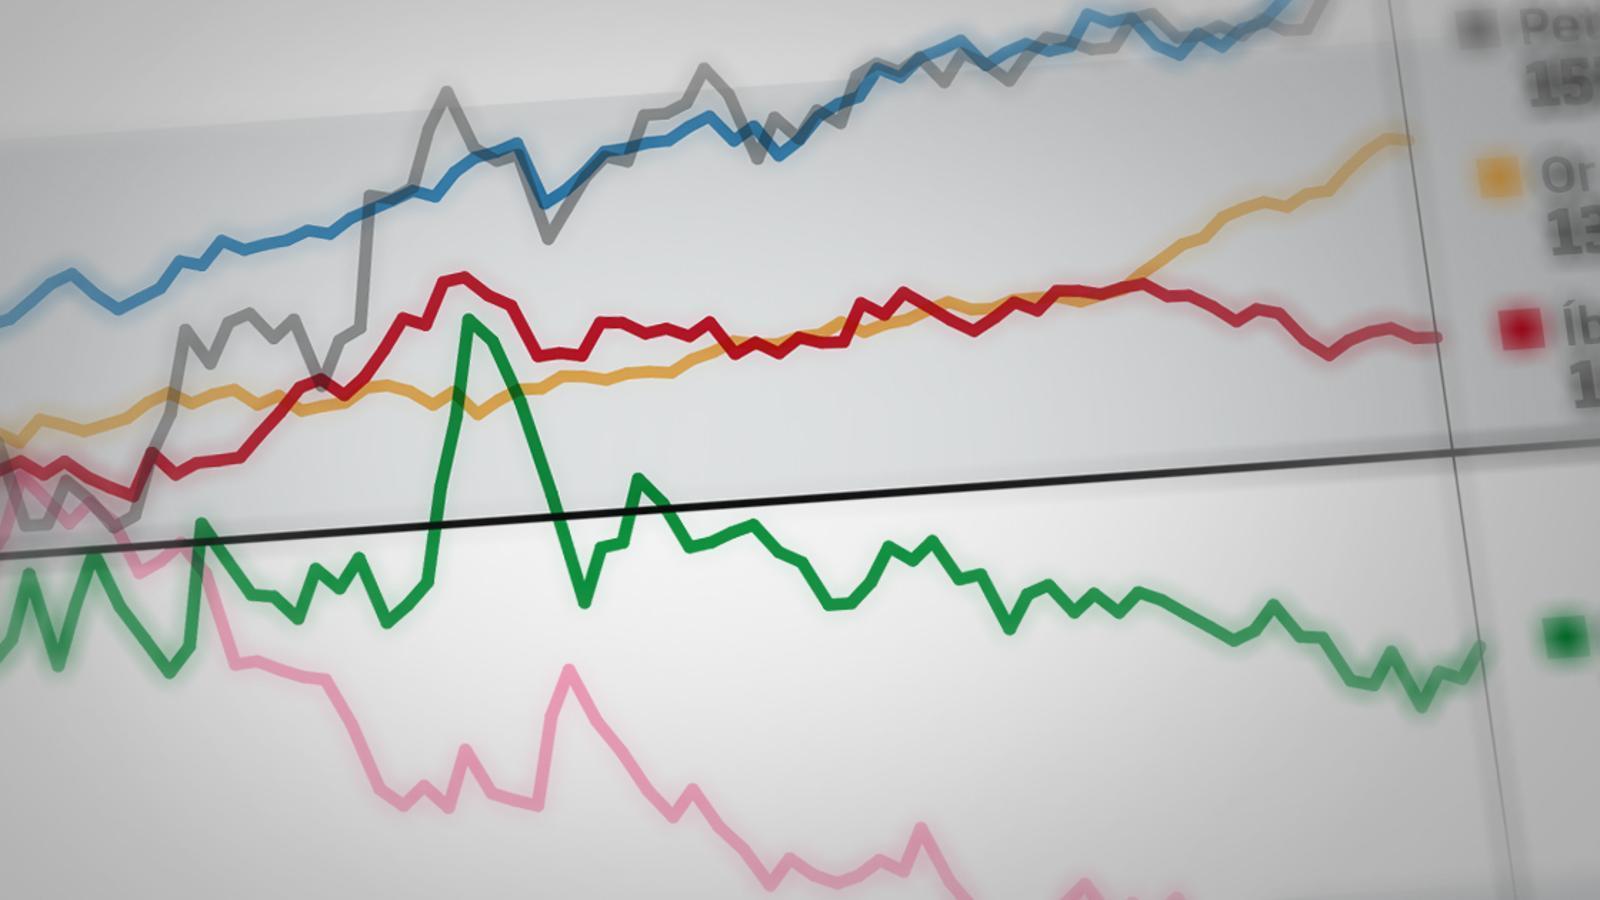 Incertesa i excés de liquiditat als mercats financers postcovid